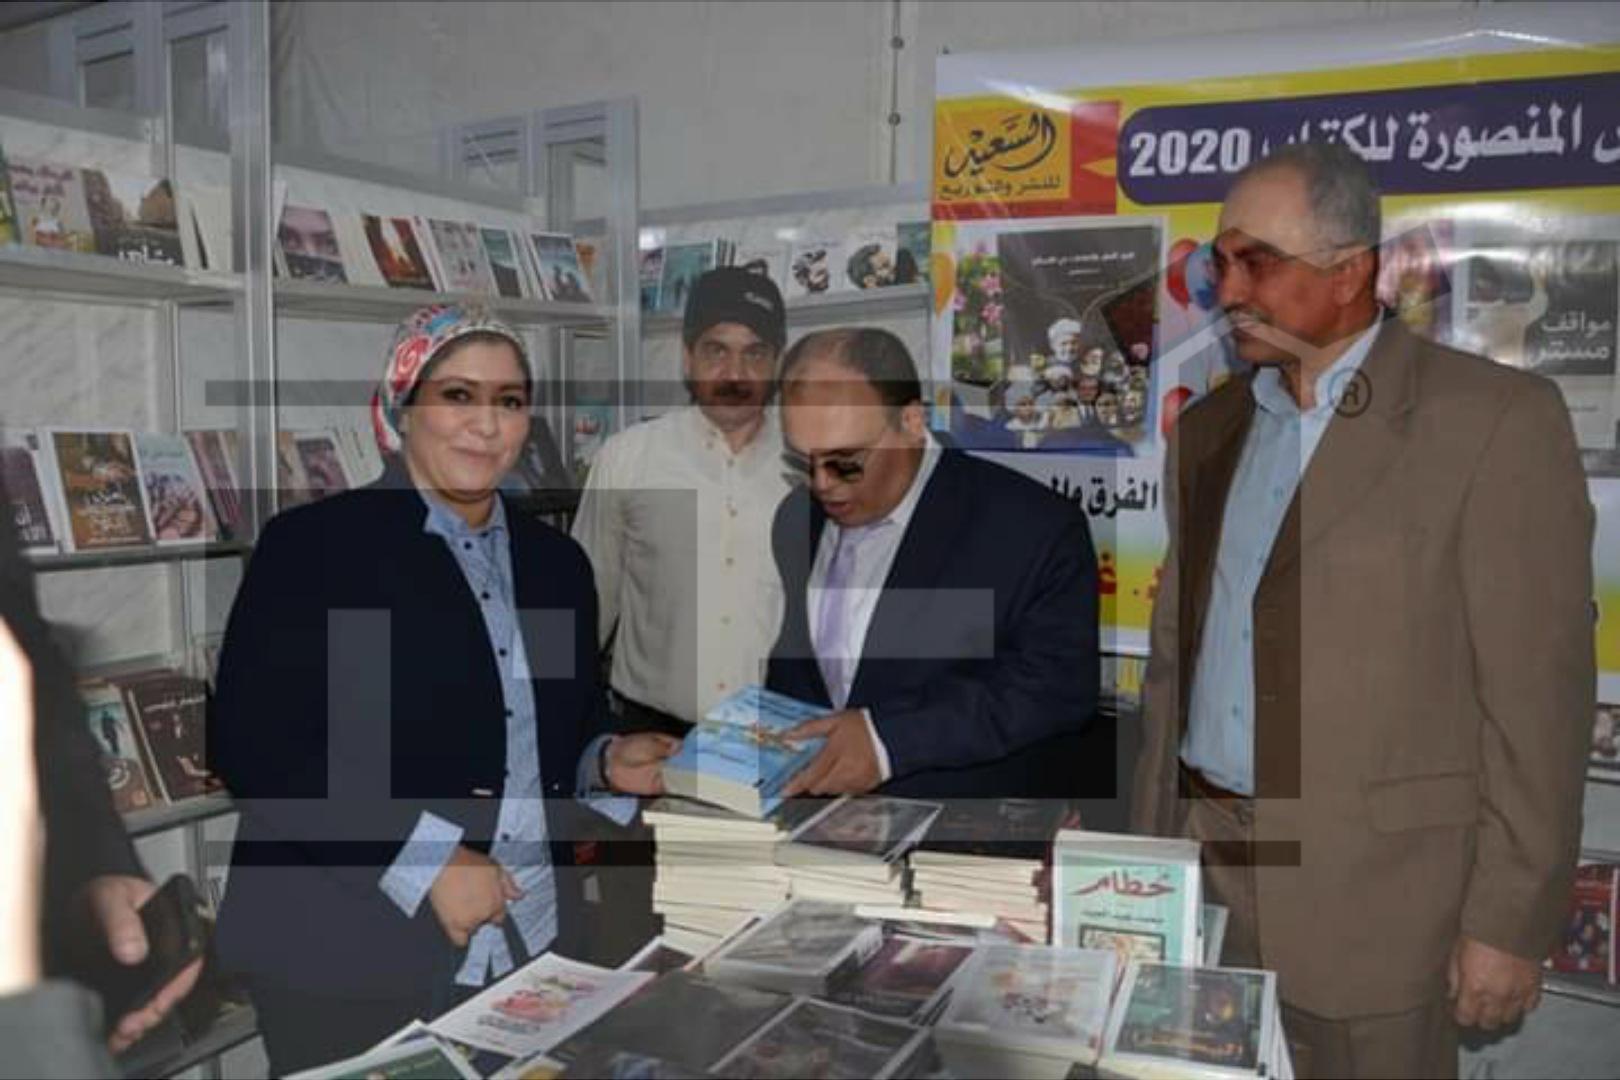 محمود الذكي , رحلة السندباد , معرض الكتاب بالمنصورة